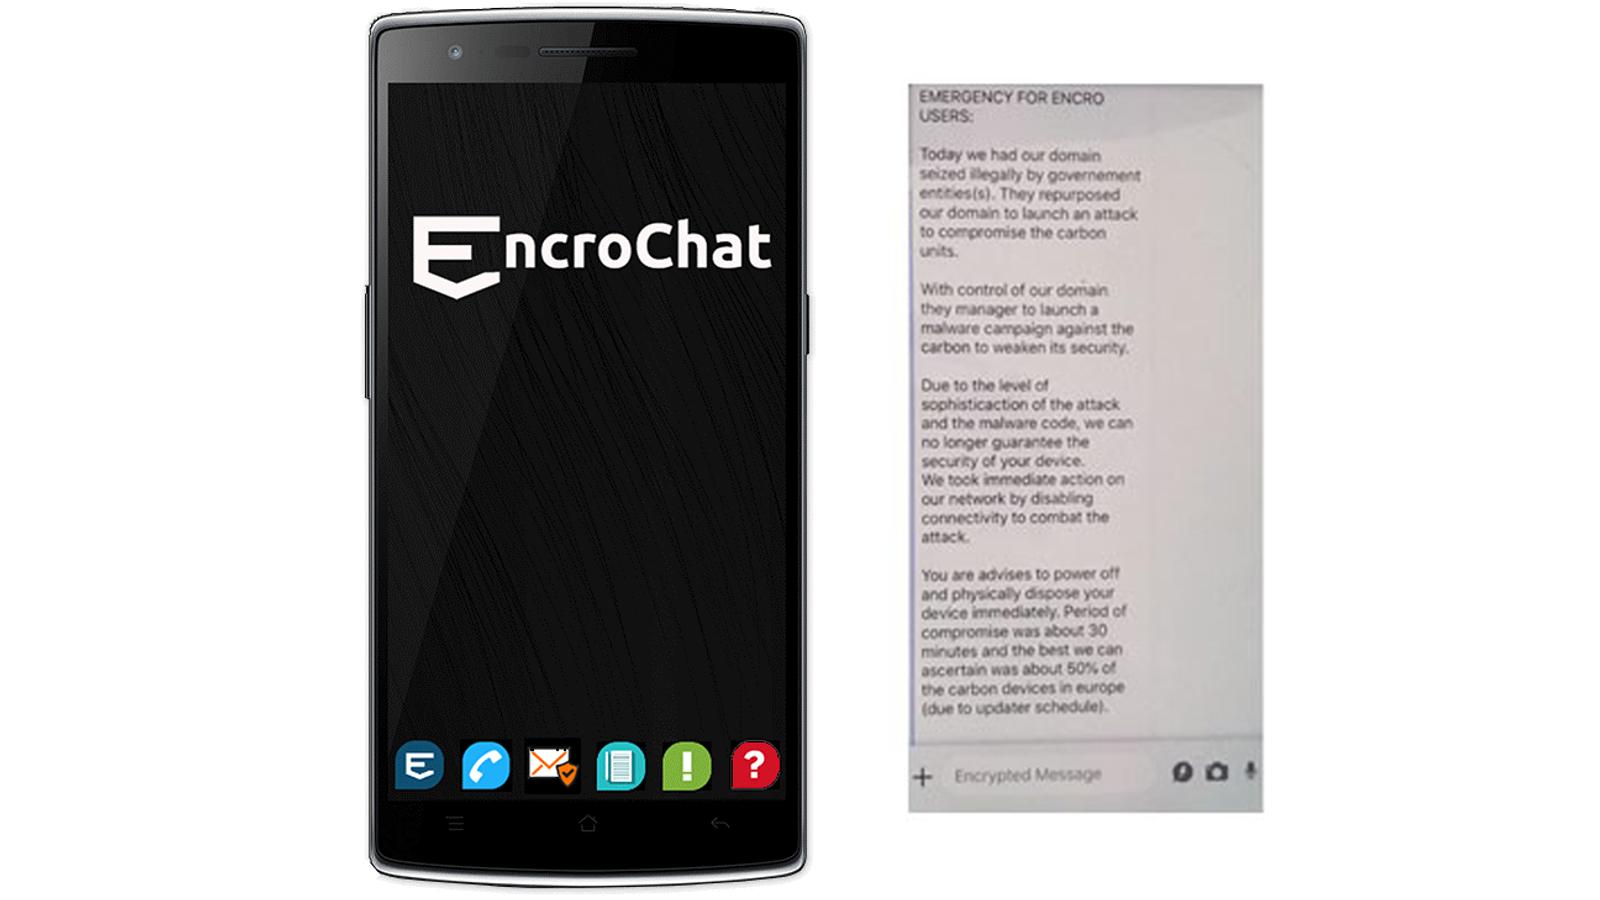 انکروچت (EncroChat)